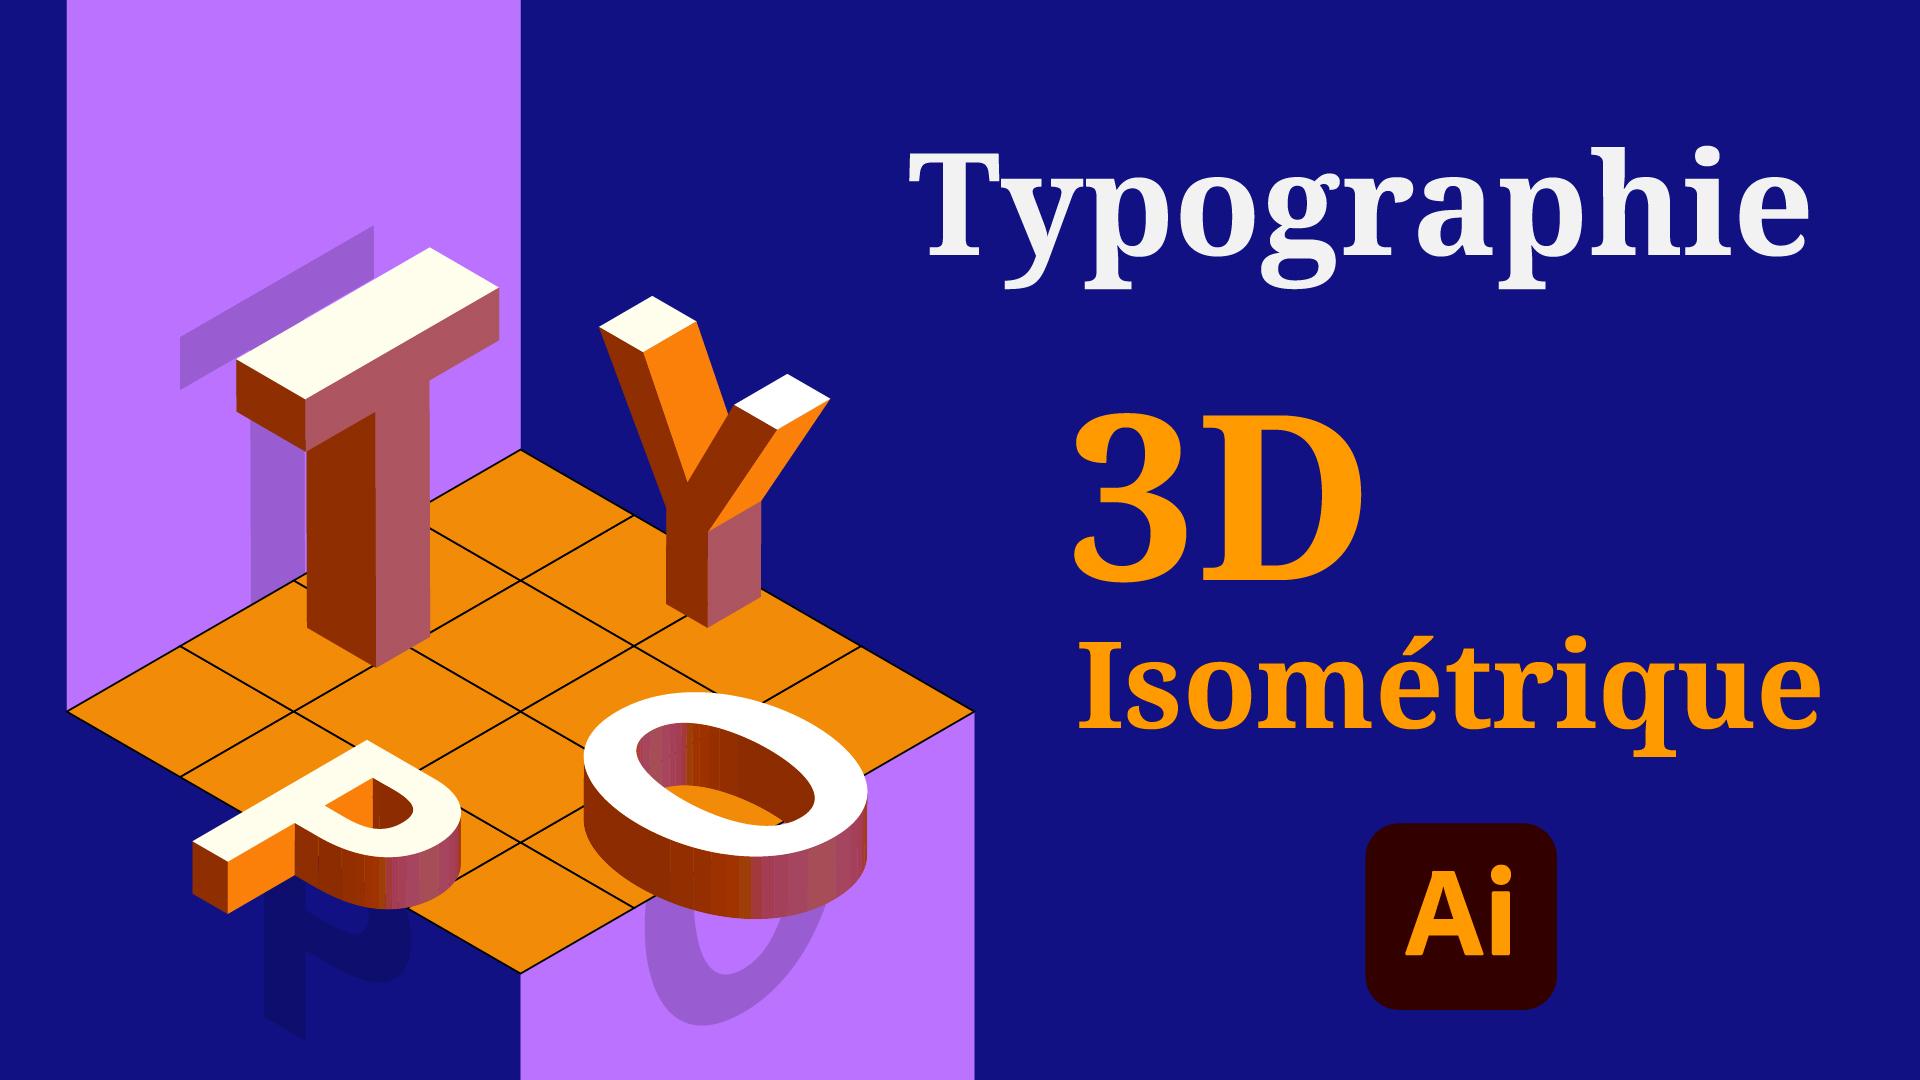 Dans cette vidéo e vous montre comment faire pour placer des caractères en vue 3D isométrique dans Illustrator.